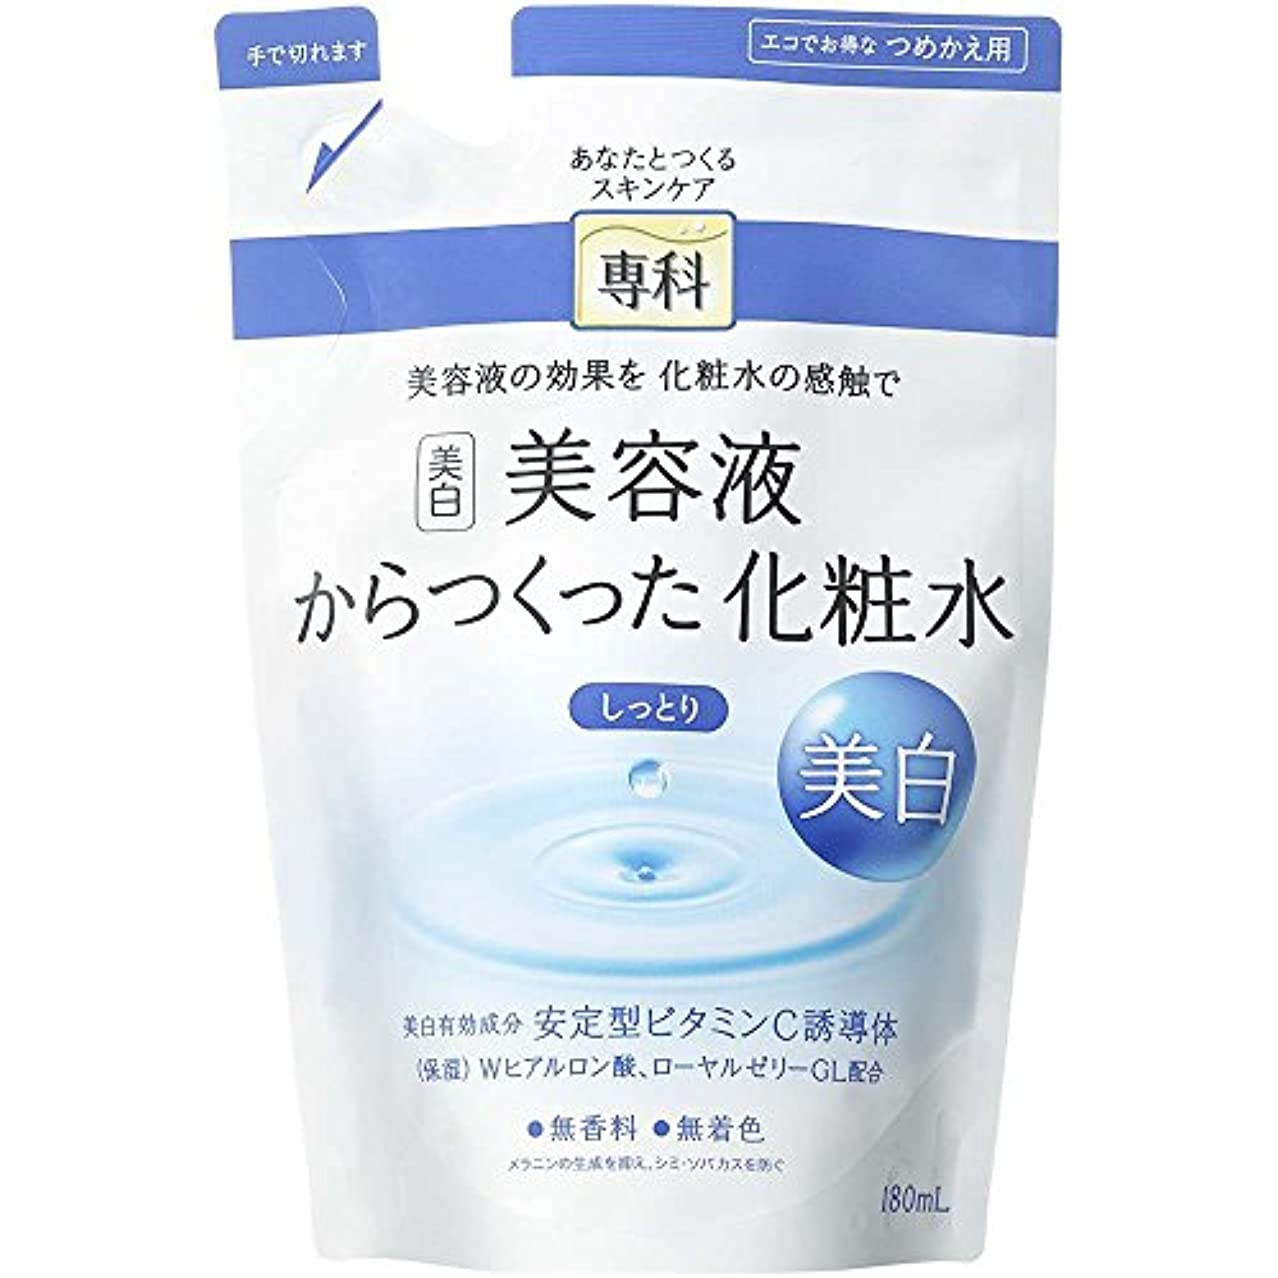 イソギンチャク無許可告白する専科 美容液からつくった化粧水 しっとり 美白 詰め替え用 180ml